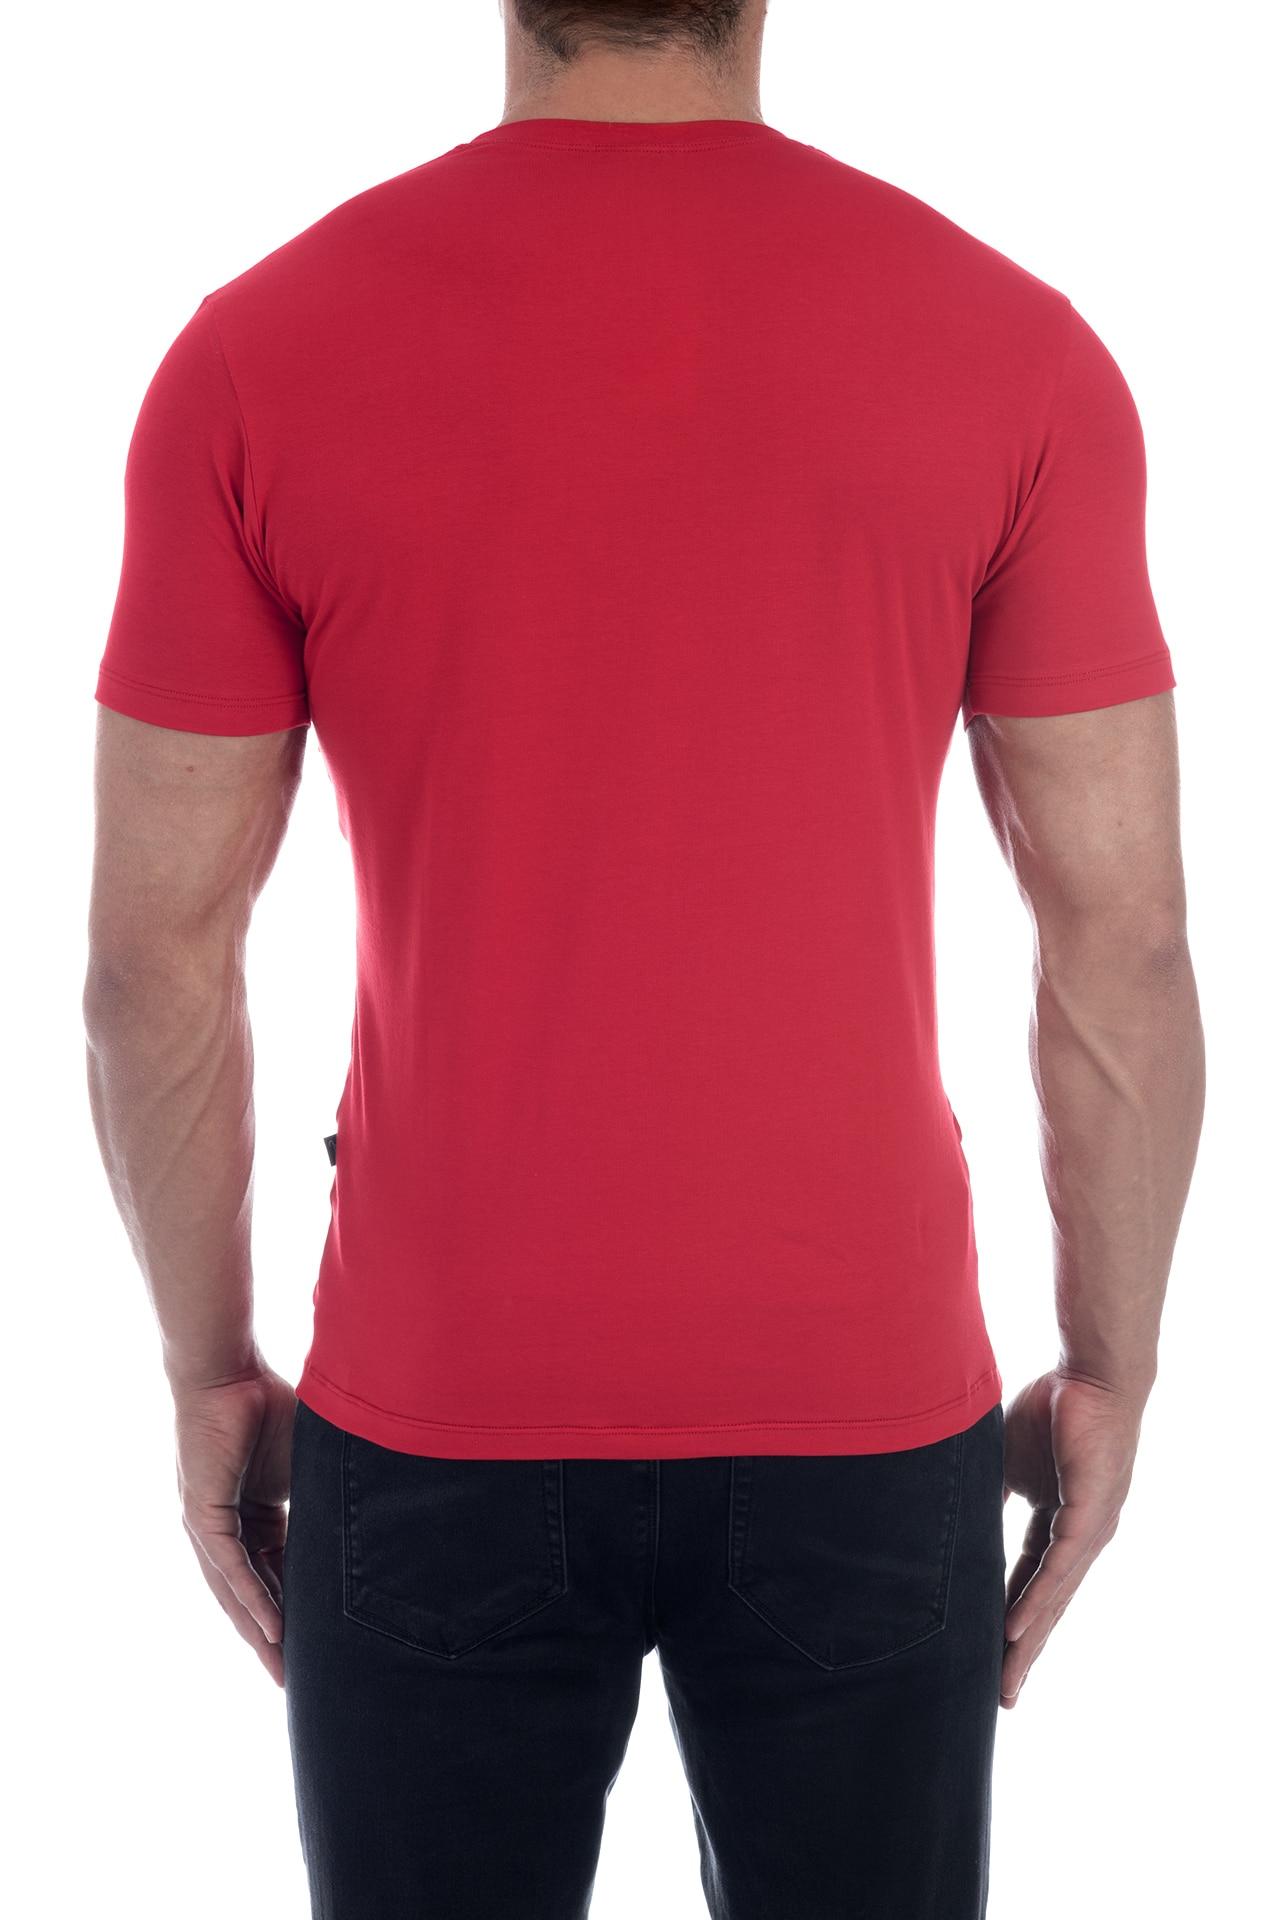 TSH 2 RED 3